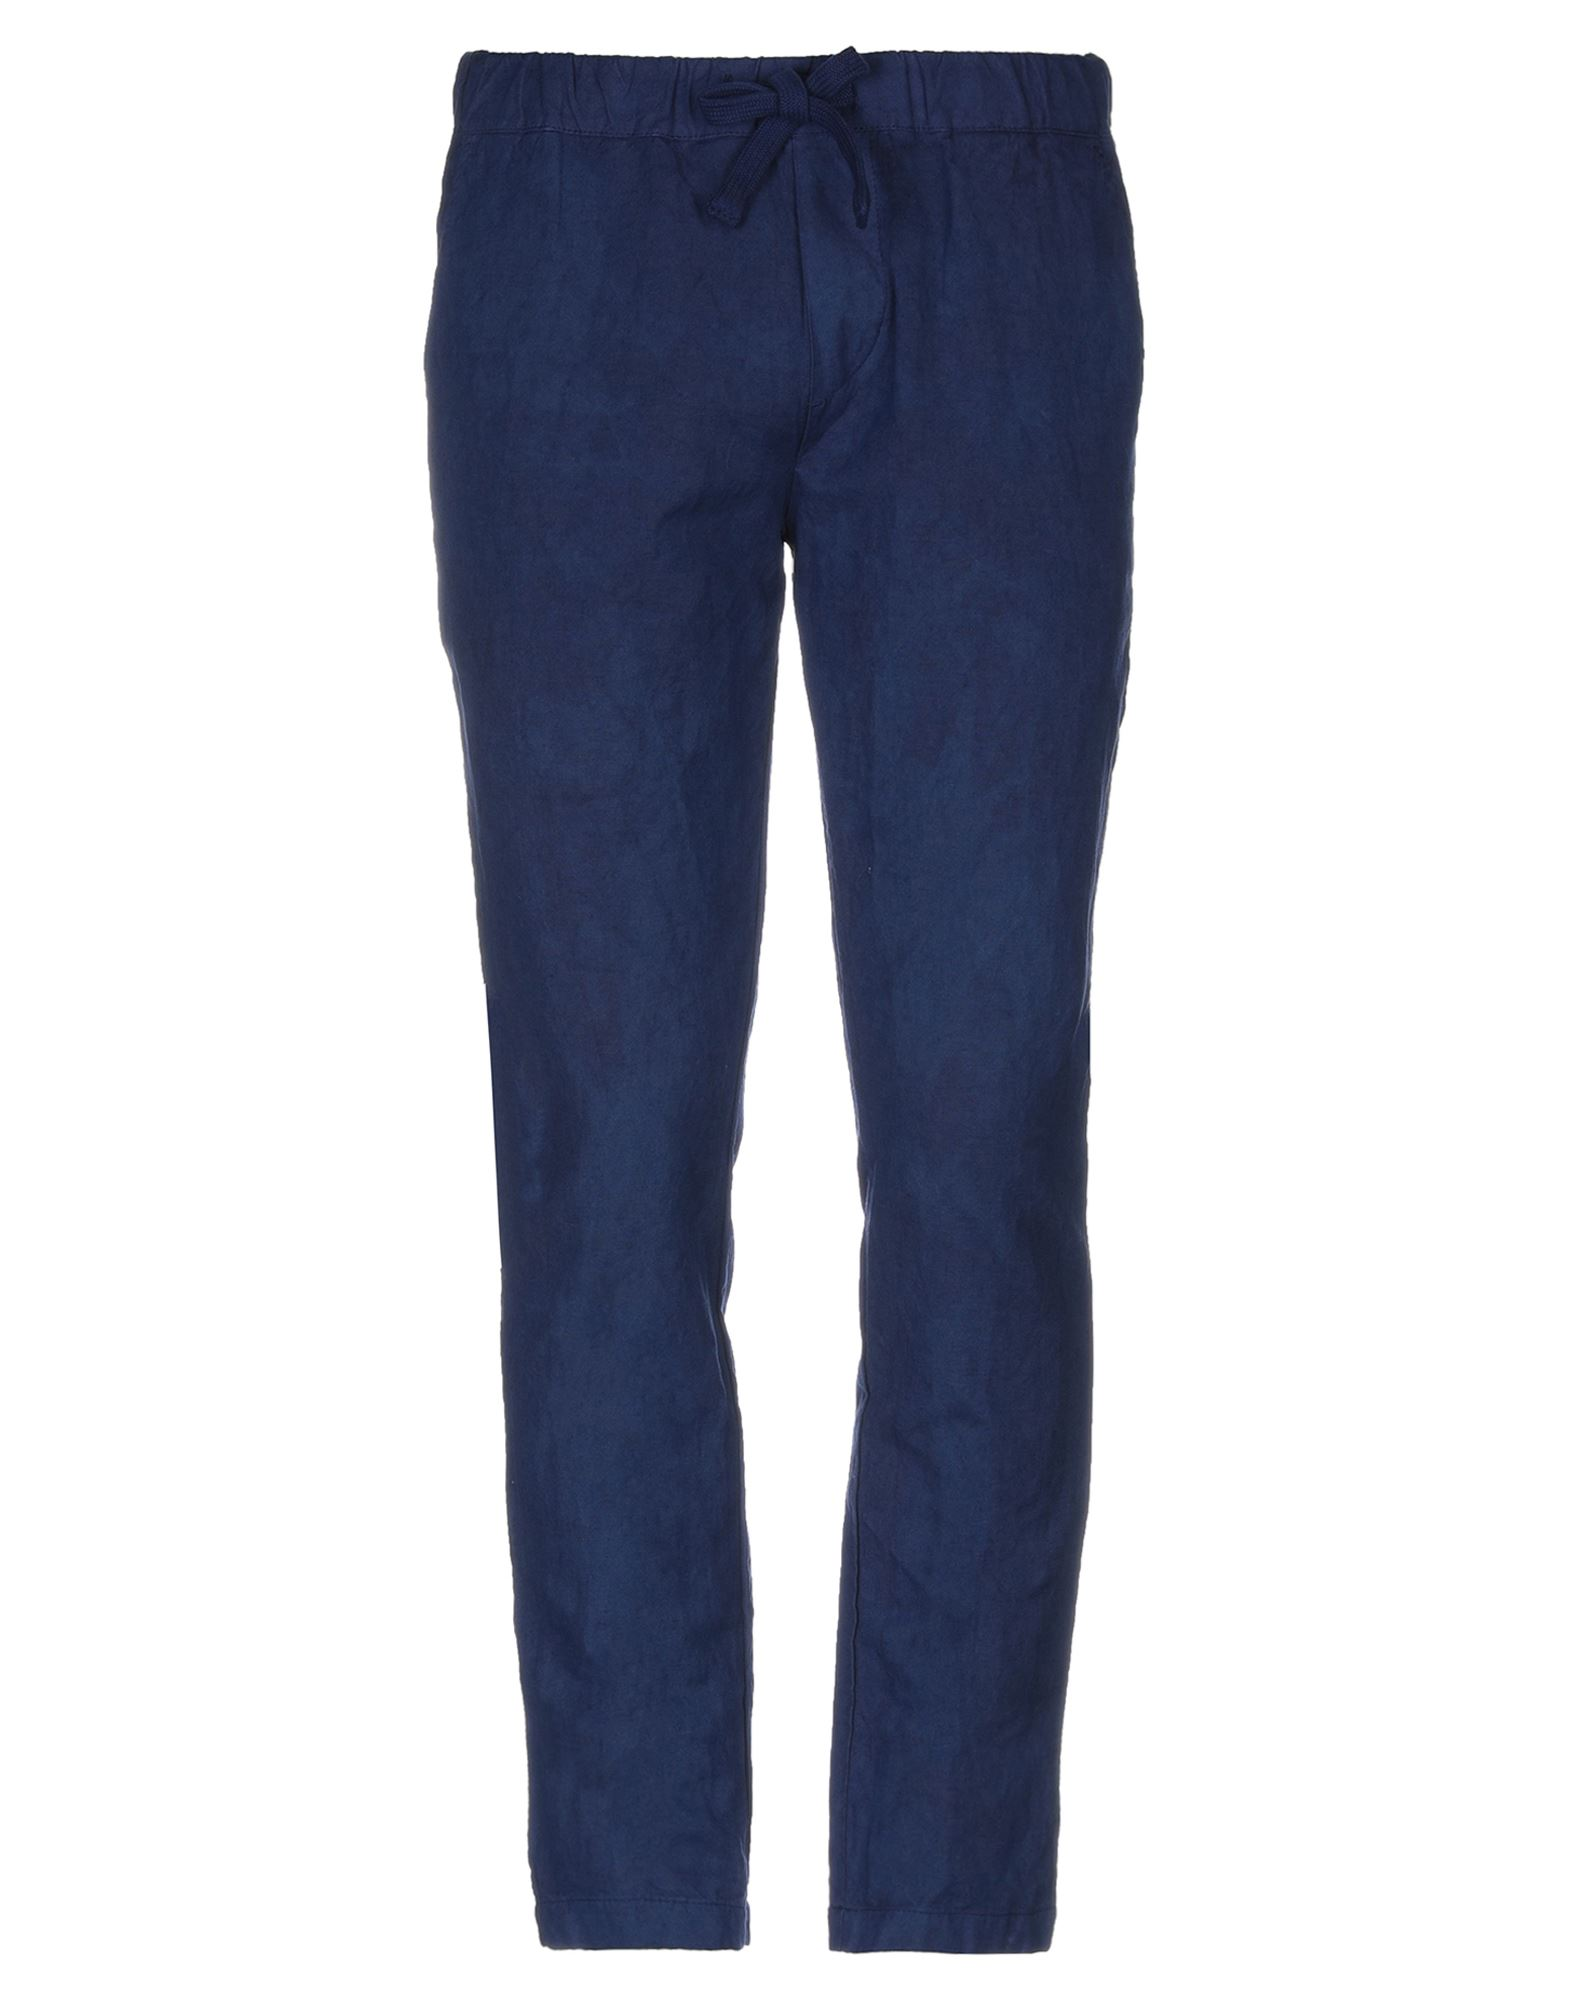 《期間限定セール開催中!》ORIGINAL VINTAGE STYLE メンズ パンツ ブライトブルー 46 コットン 54% / 麻 46%